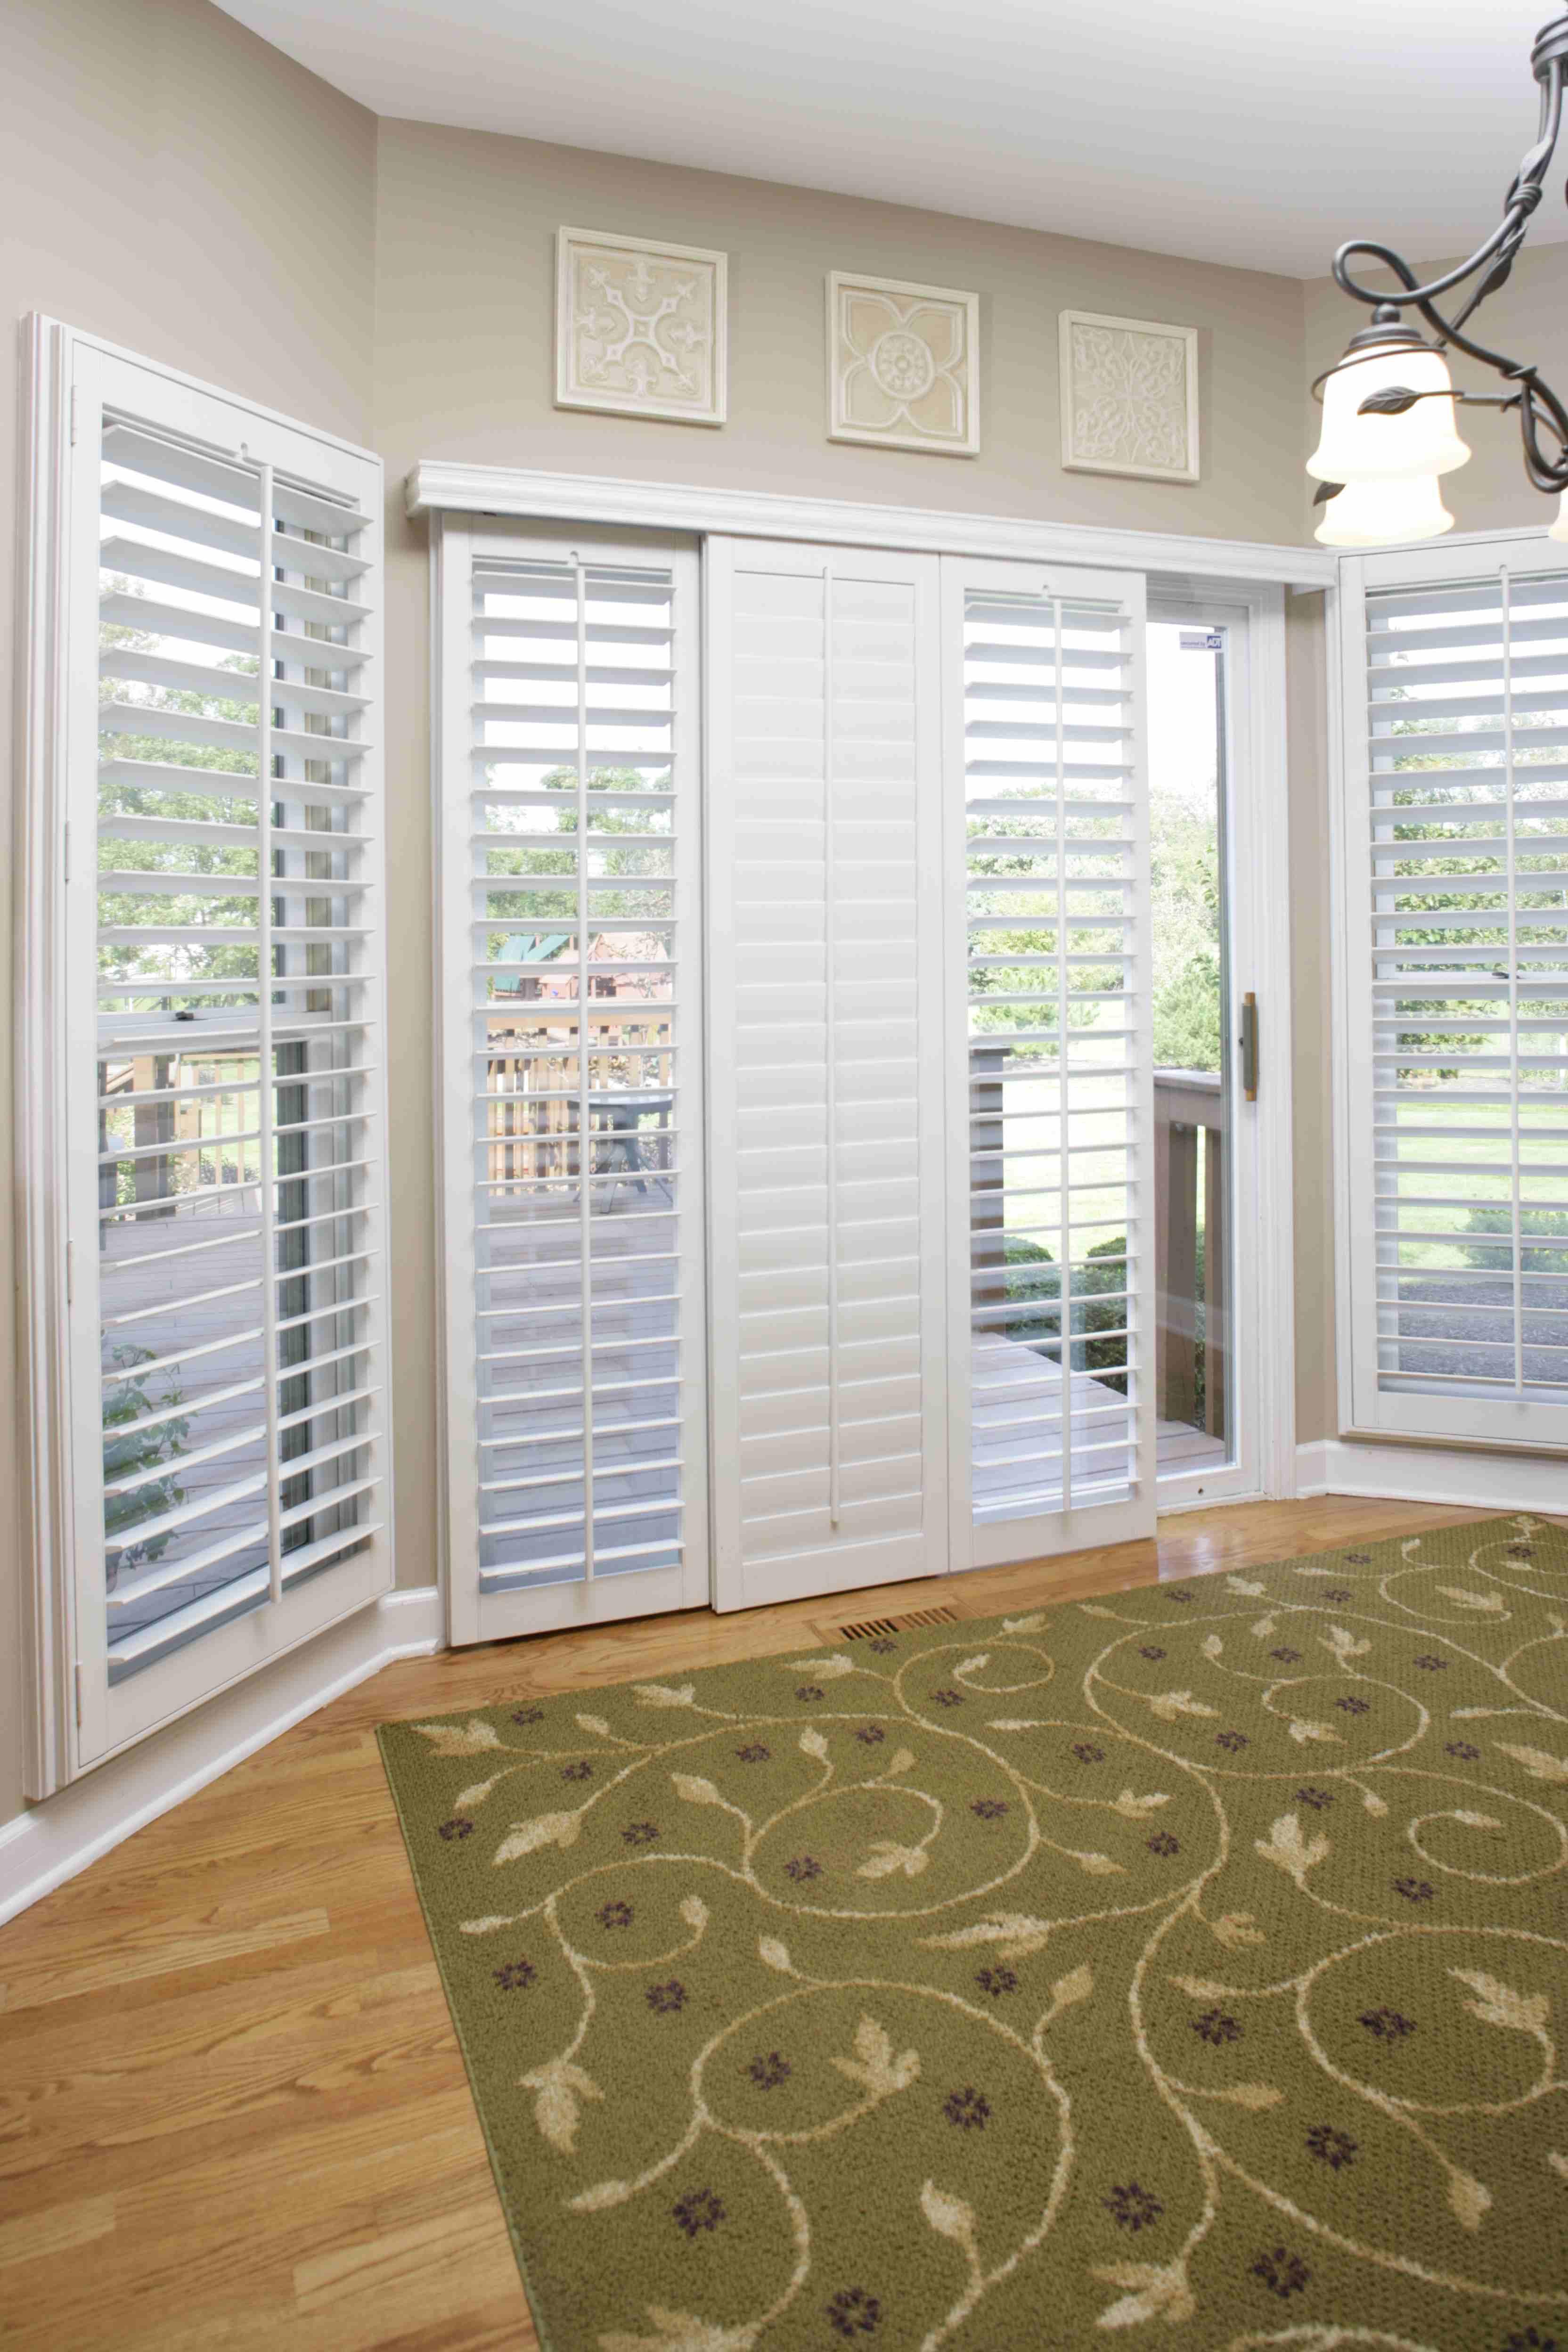 #8B6C40 Sliding Glass Door Window Shutters Sunburst Shutters Kitchen Pass  Through Window Shutters 5091 Picture